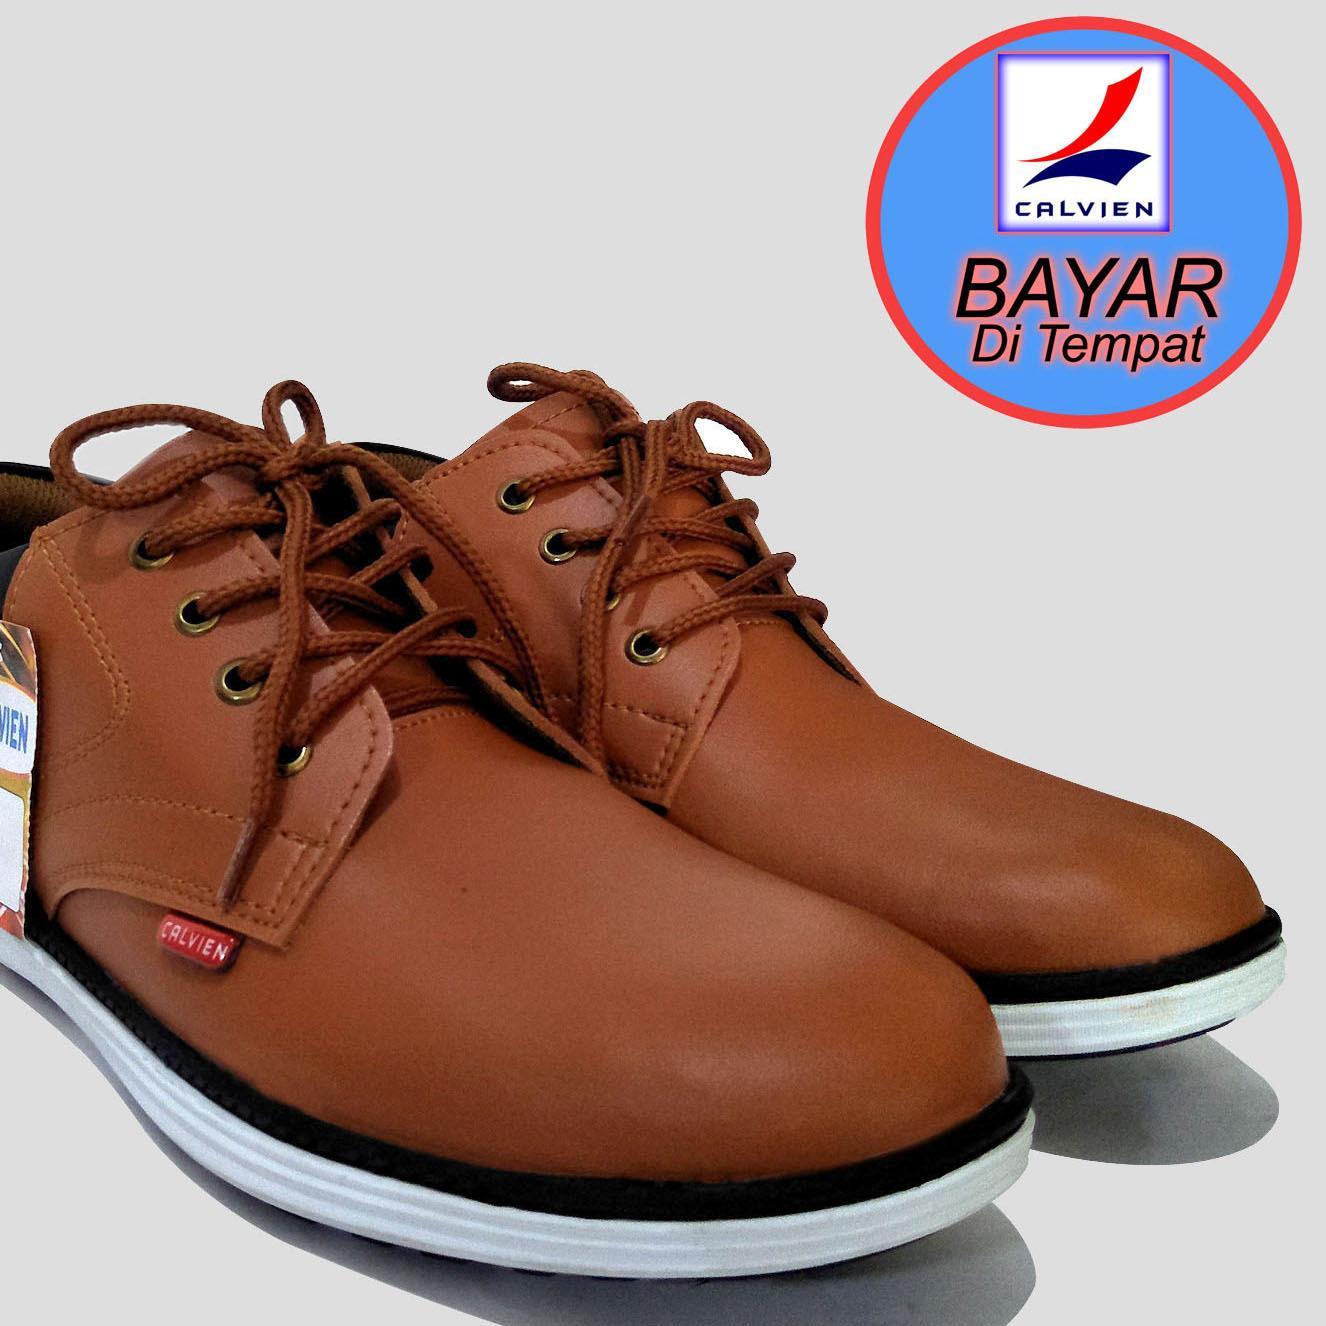 Calvien Sepatu Pria Sepatu Formal Sepatu Sneakers Sepatu Pria Kulit Sepatu Pria Murah Kode Cl 04 Calvien Diskon 40